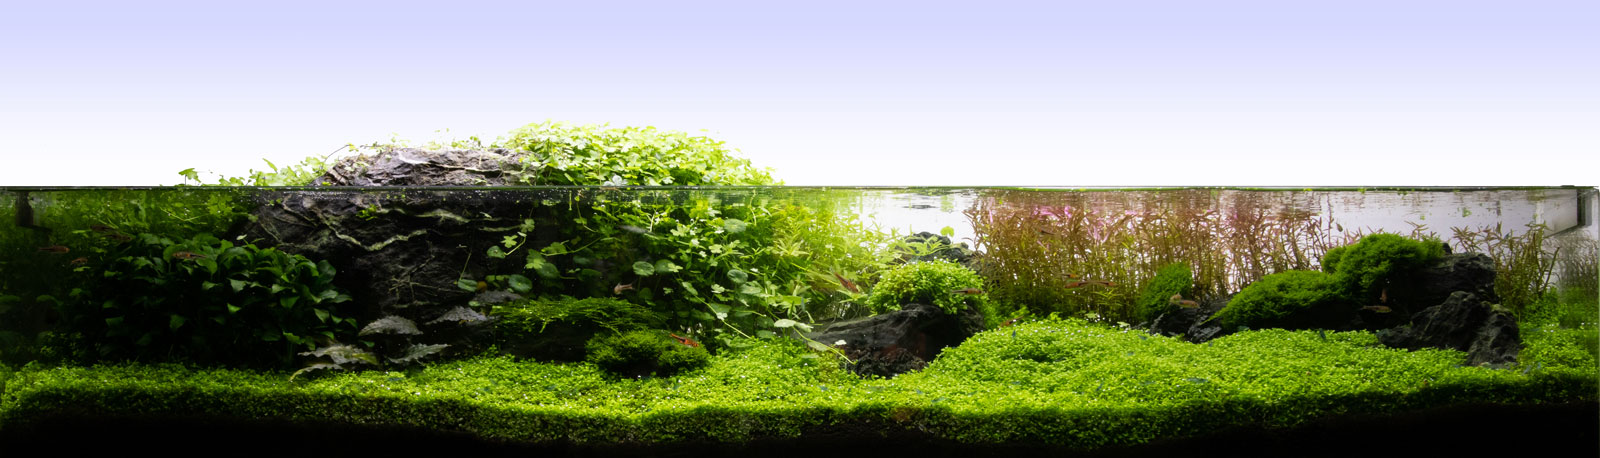 Flaches Aquascape 120x30x20 CM